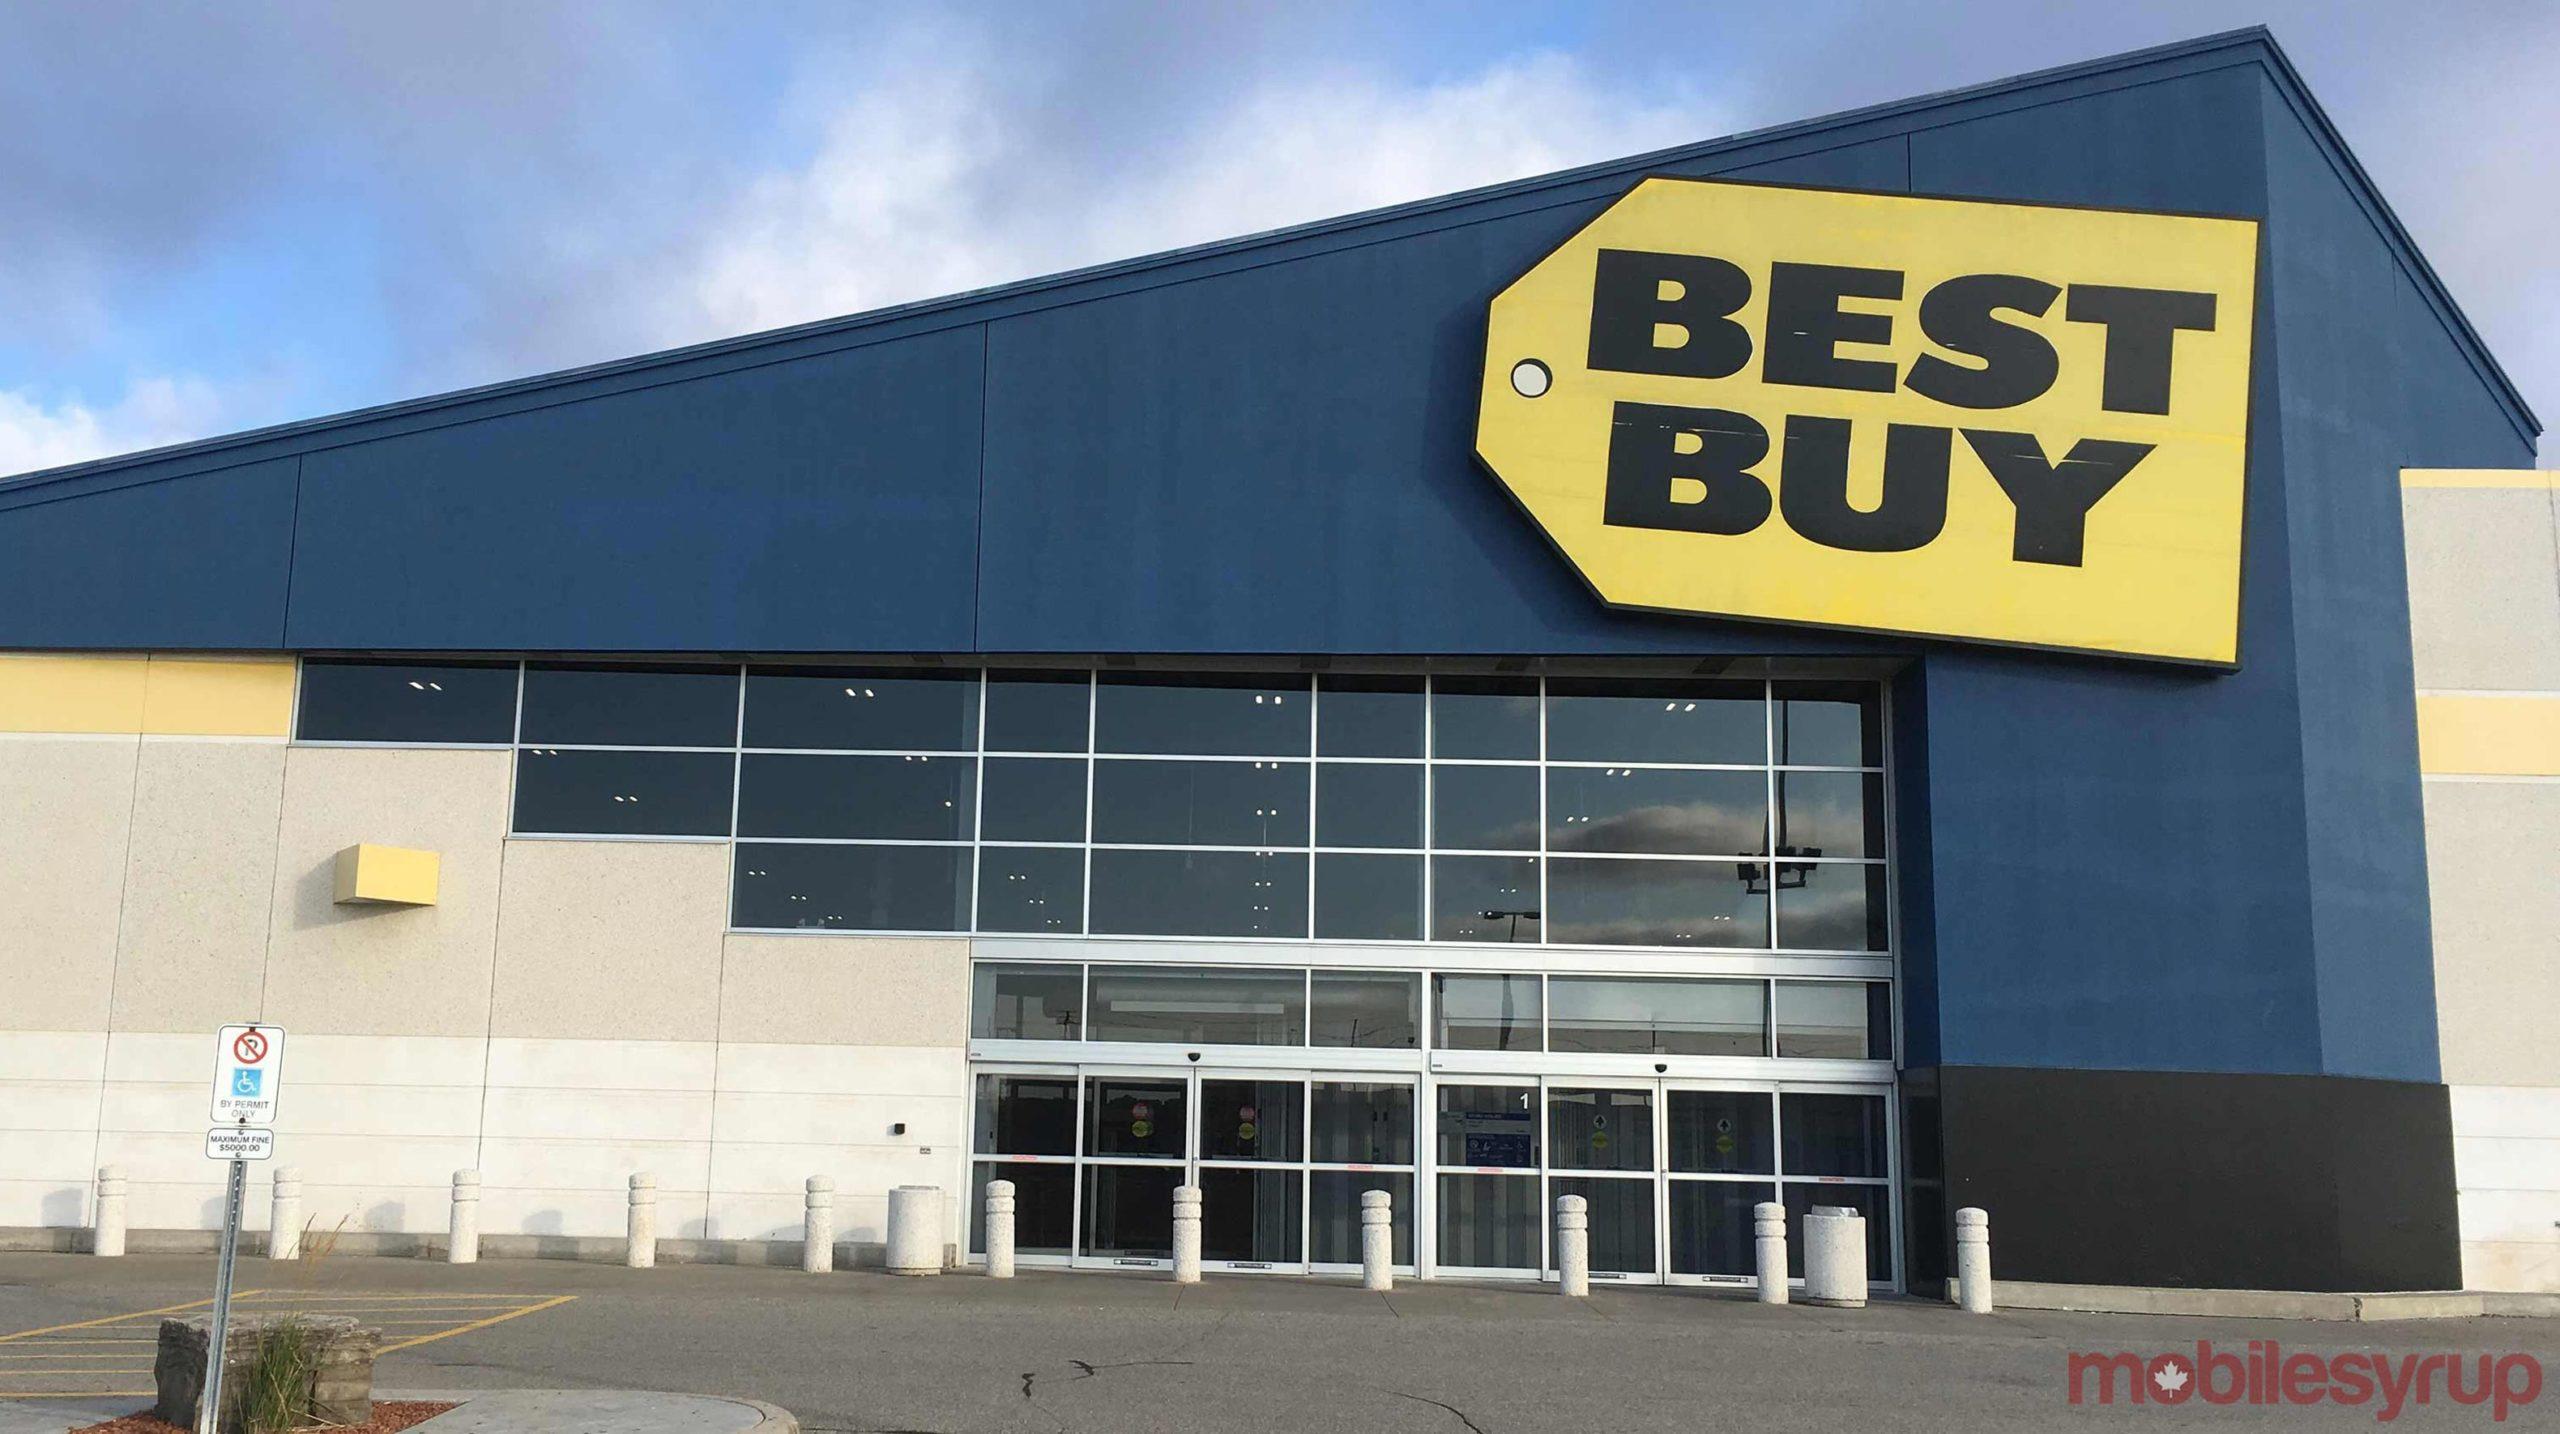 Best Buy Canada S Weekly Sale Includes Deals On Smartphones And Headphones